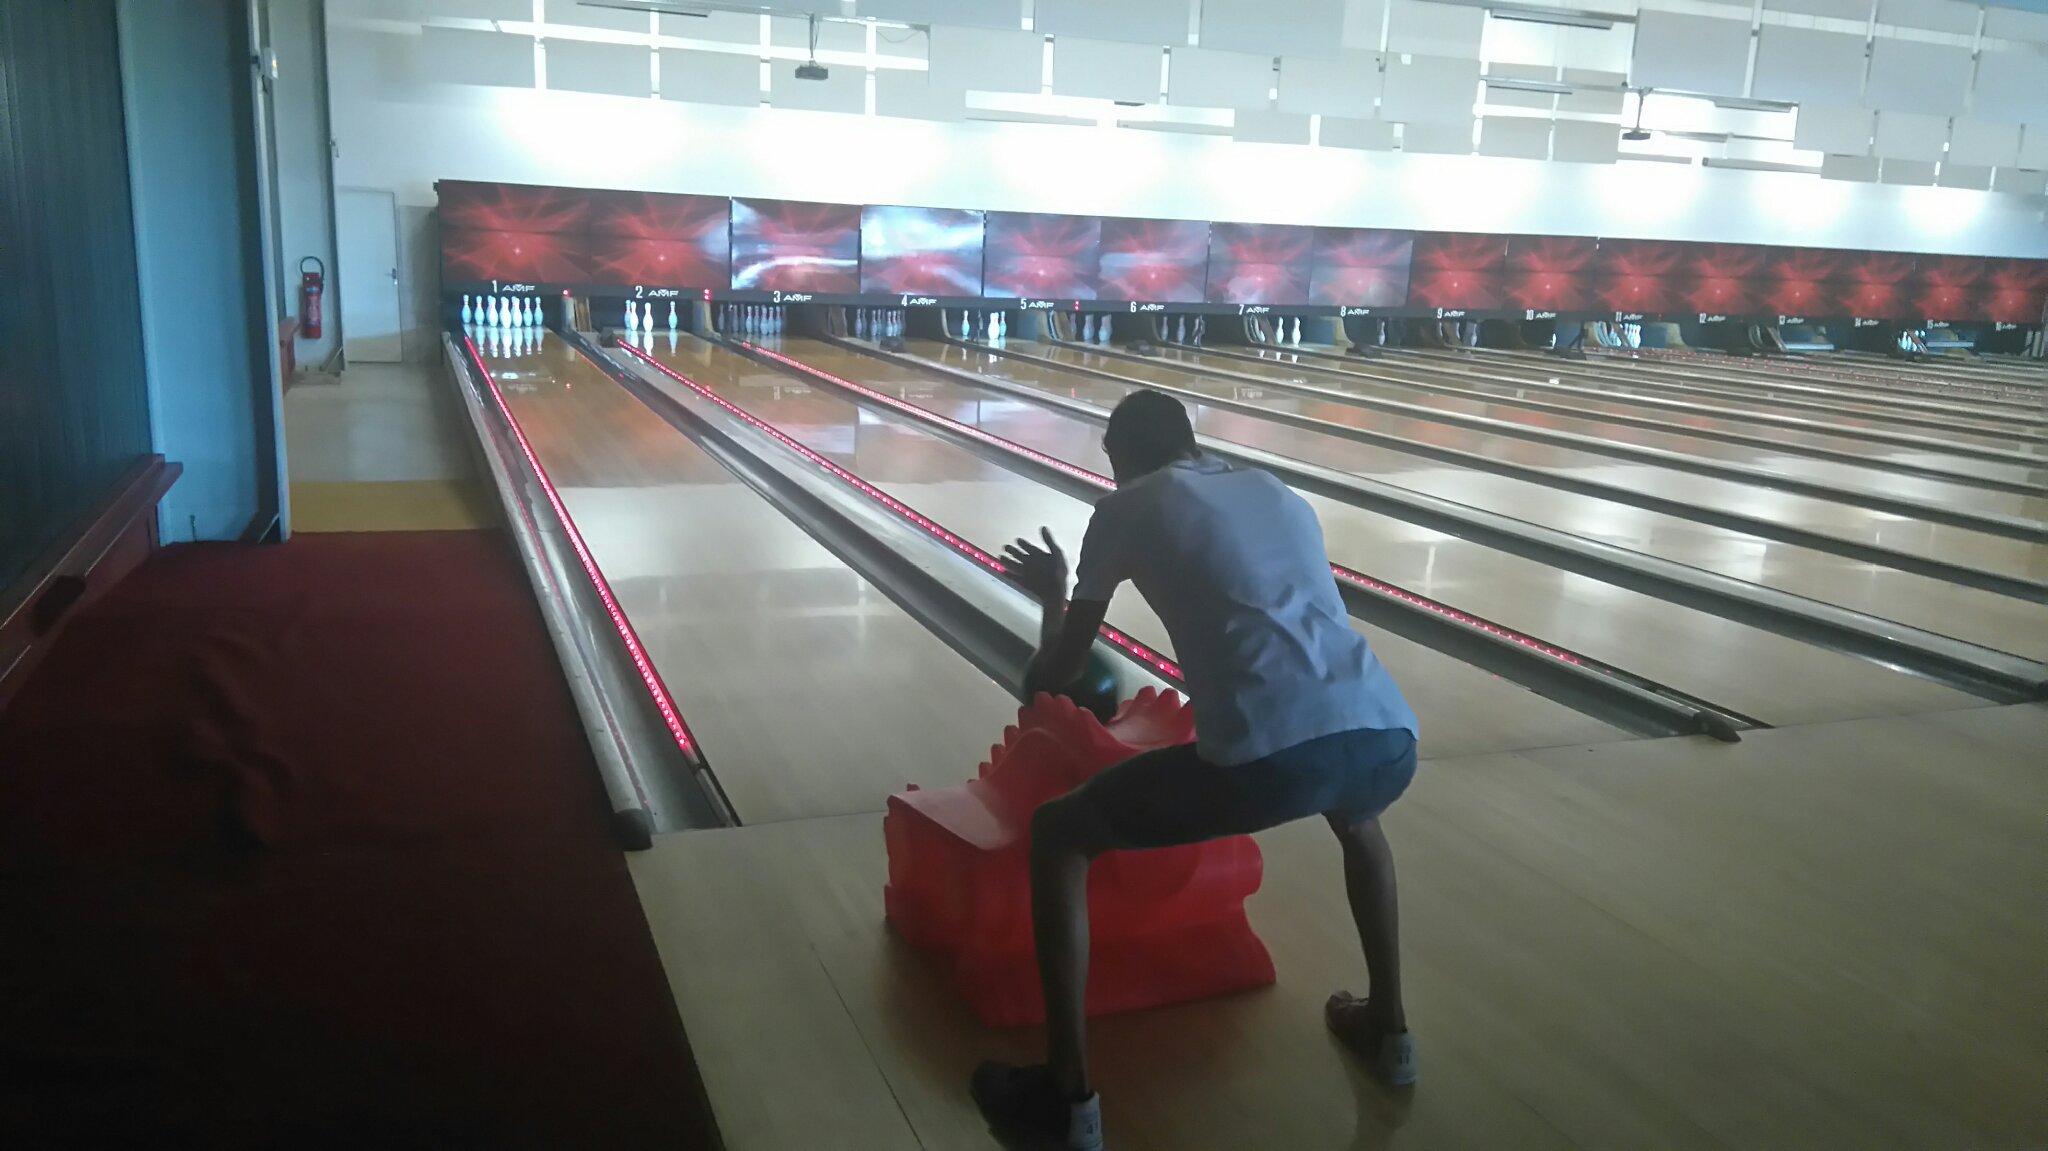 Le bowling c'est drôle - meme